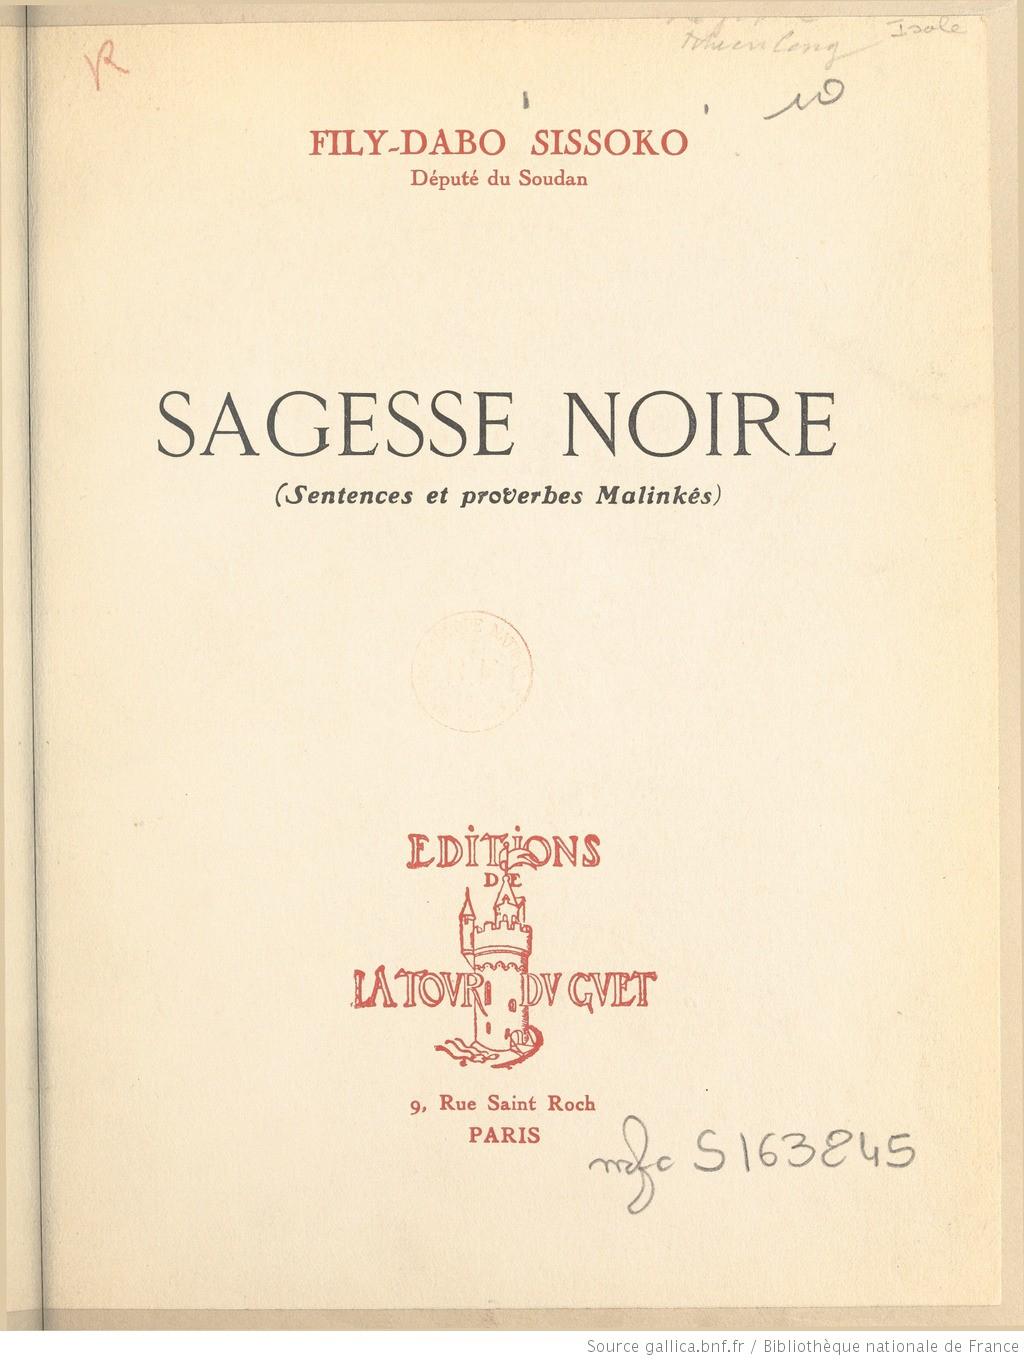 Fily-Dabo Sissoko, 1955. Sagesse noire (sentences et proverbes malinkés). Paris, les éditions la Tour du Guet.